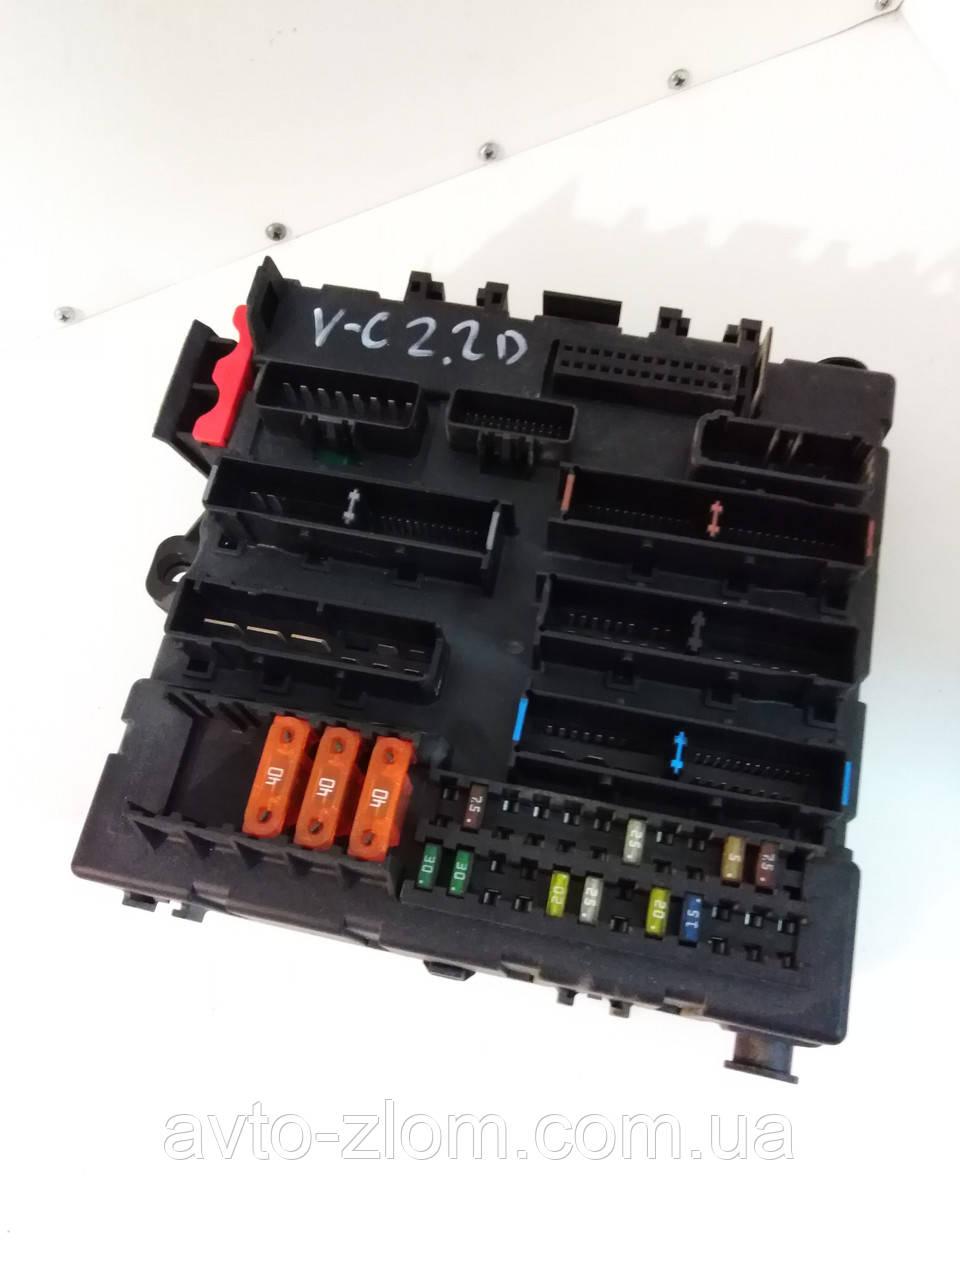 Блок предохранителей (блок BSI) Opel Vectra C. 13125489, 519033104.